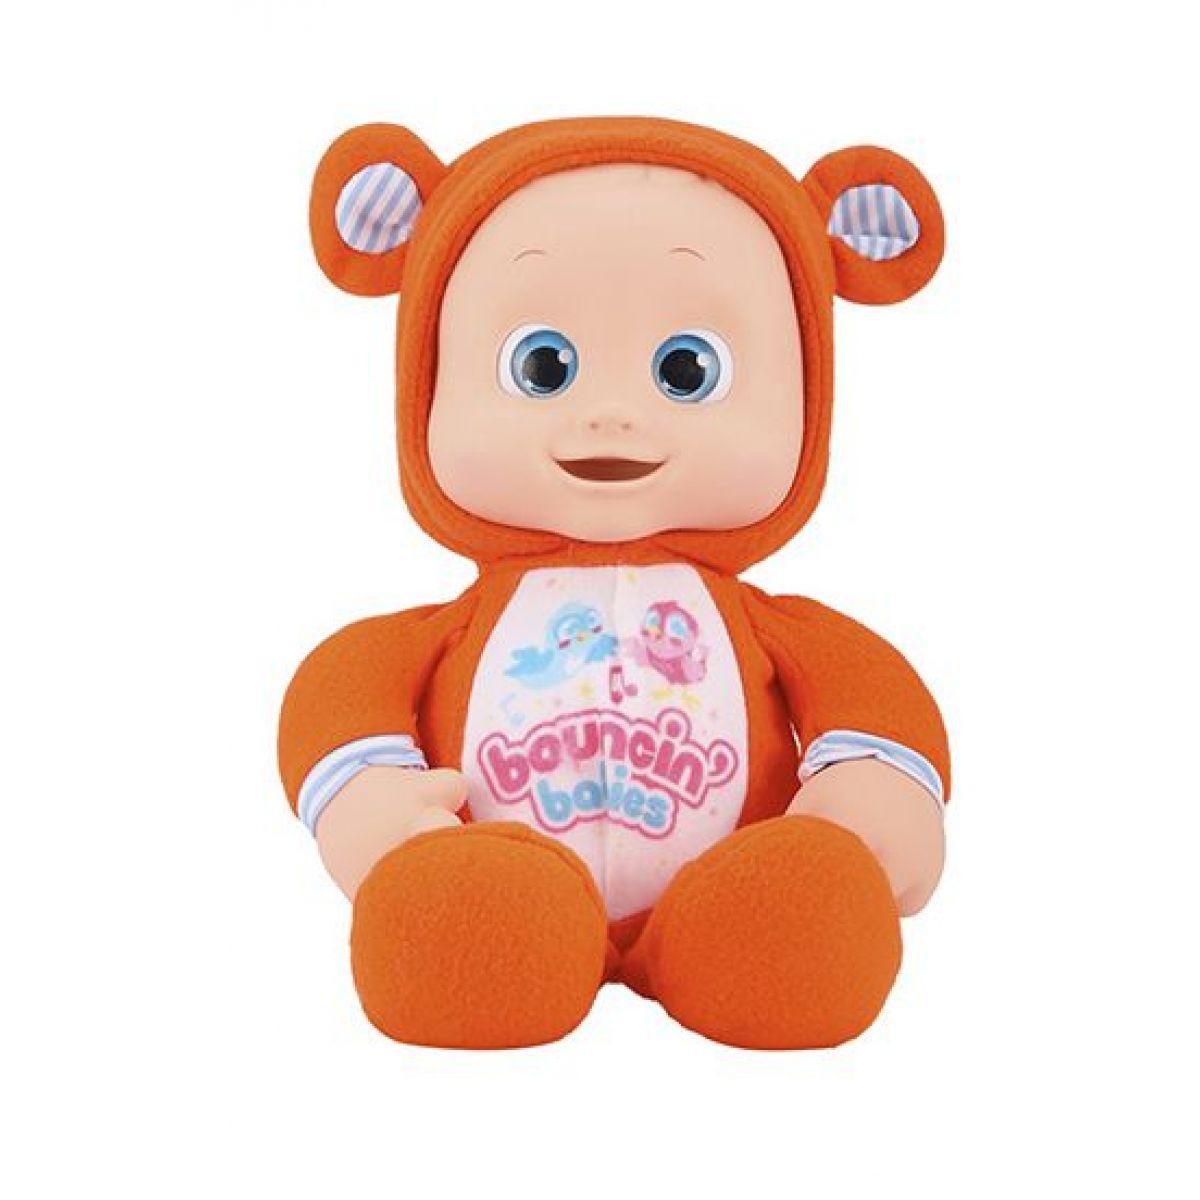 Alltoys Moje první miminko Bouncin Babies usínáček oranžová